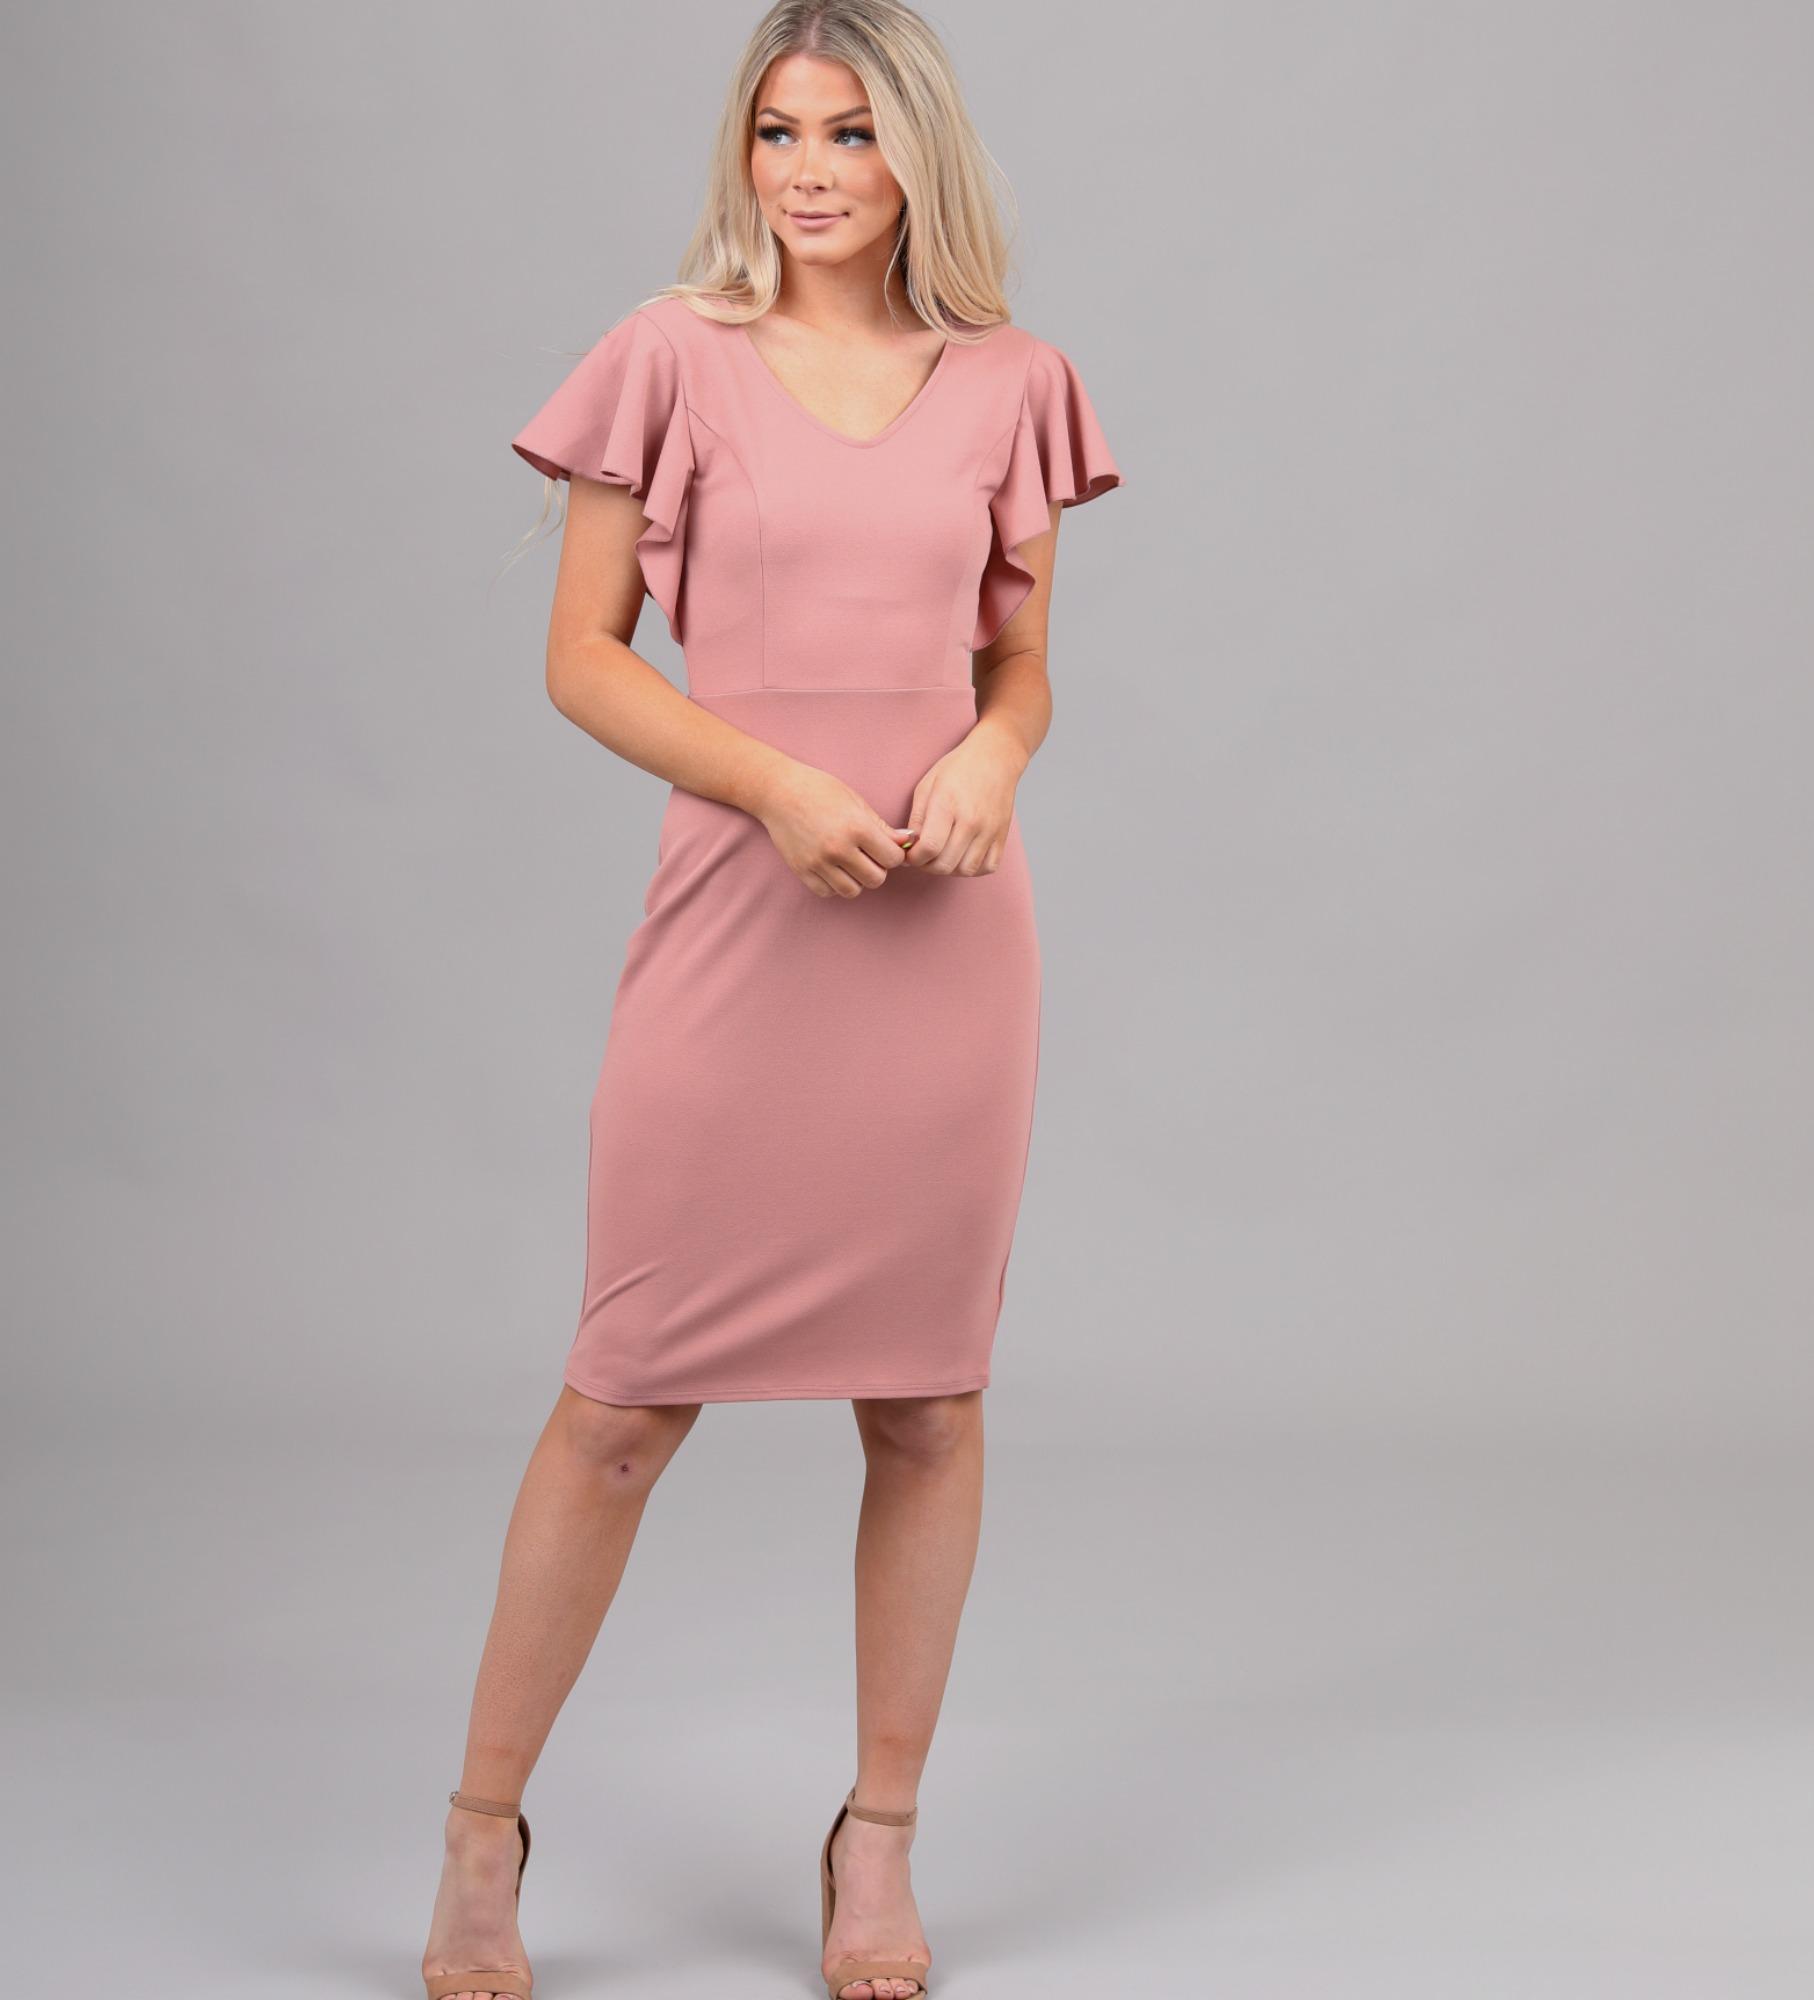 Mikarose Nixon Dress-Blush